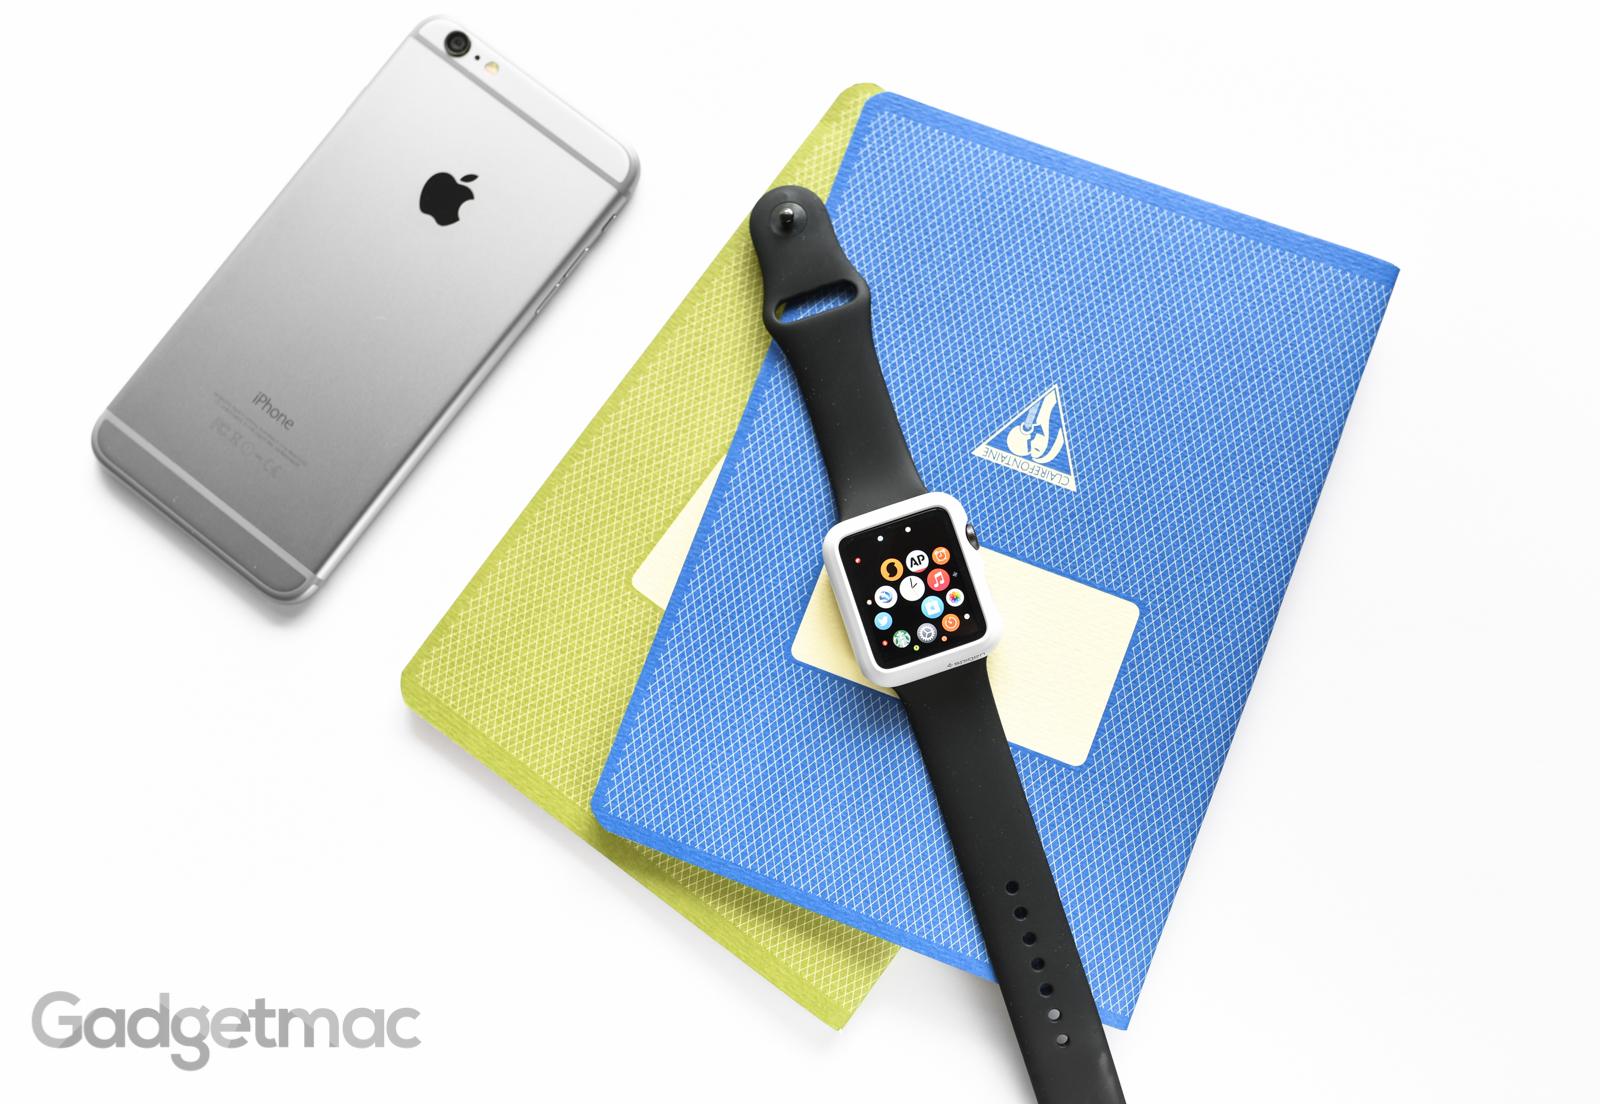 spigen-apple-watch-white-thin-fit-slim-case-top.jpg